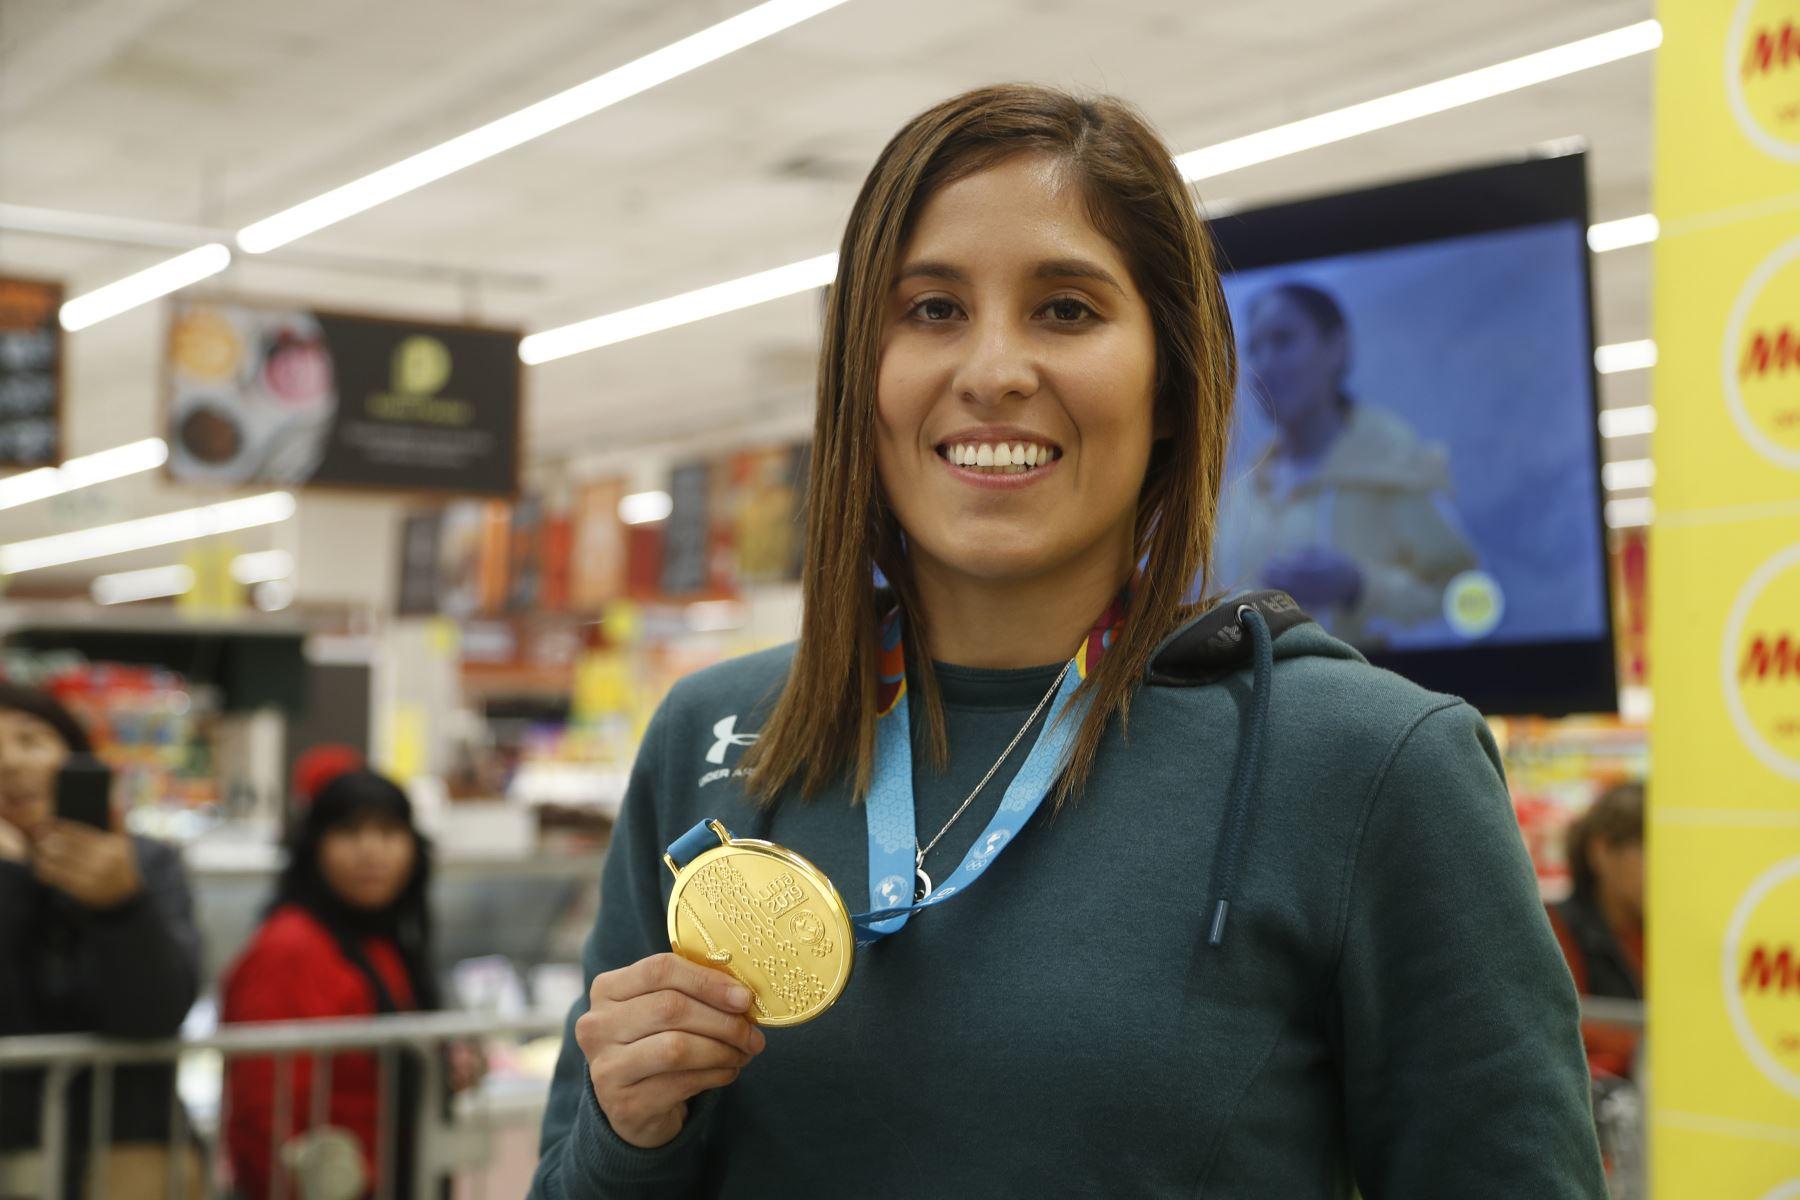 Alexandra Vanessa Grande Risco, deportista peruana de la especialidad de karate. Medallista de oro en los Juegos Panamericanos Lima 2019. Foto: ANDINA/Josue Ramos.